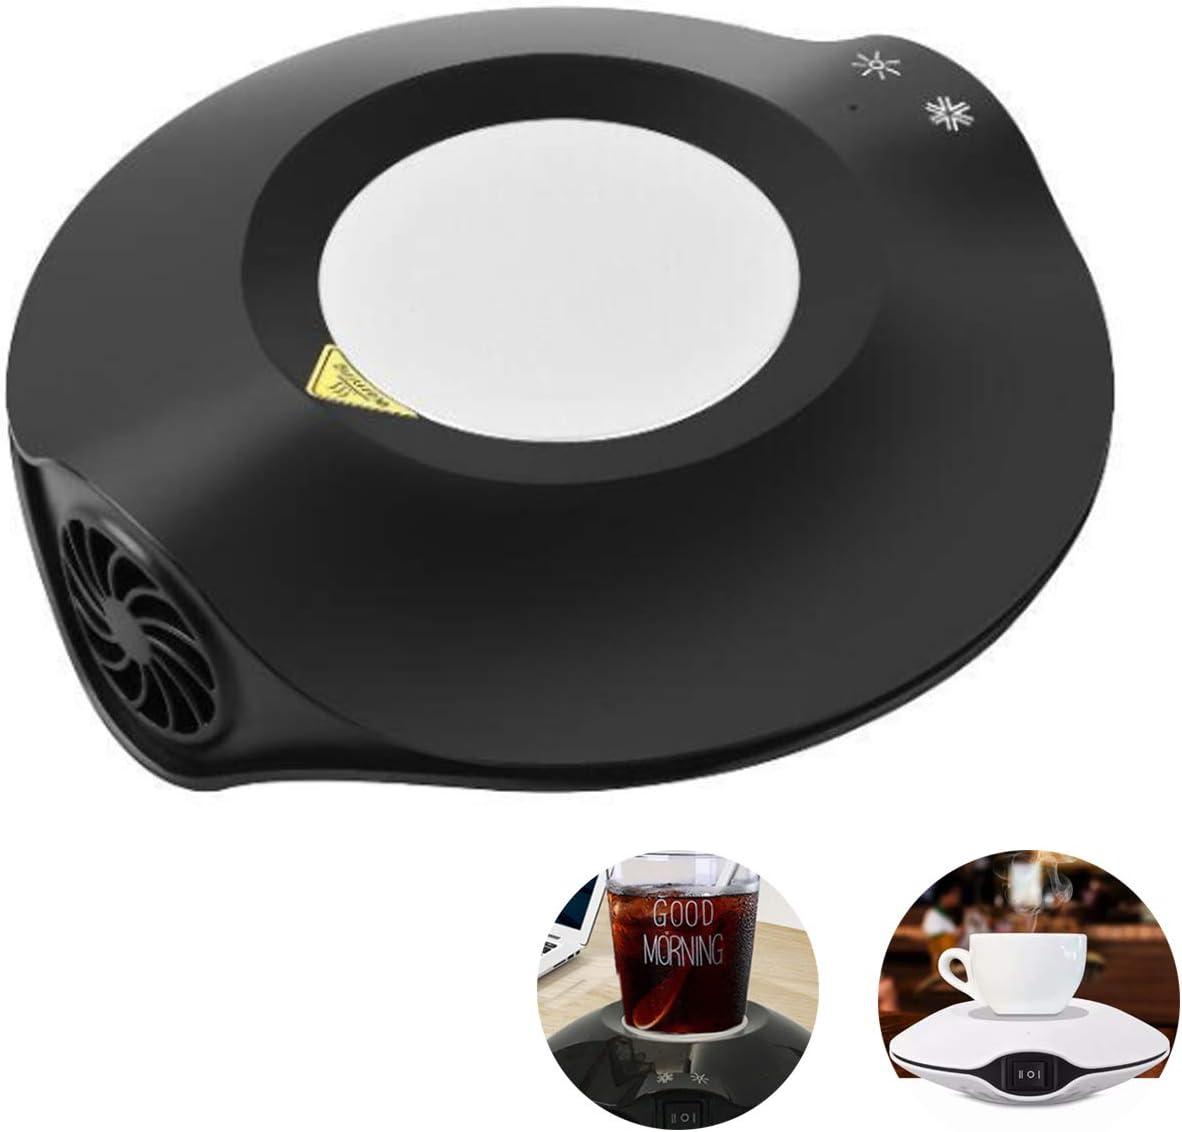 USB コースター 冷却 加熱 冷熱両用 カップホルダー 10℃~70℃ 車用&家庭用